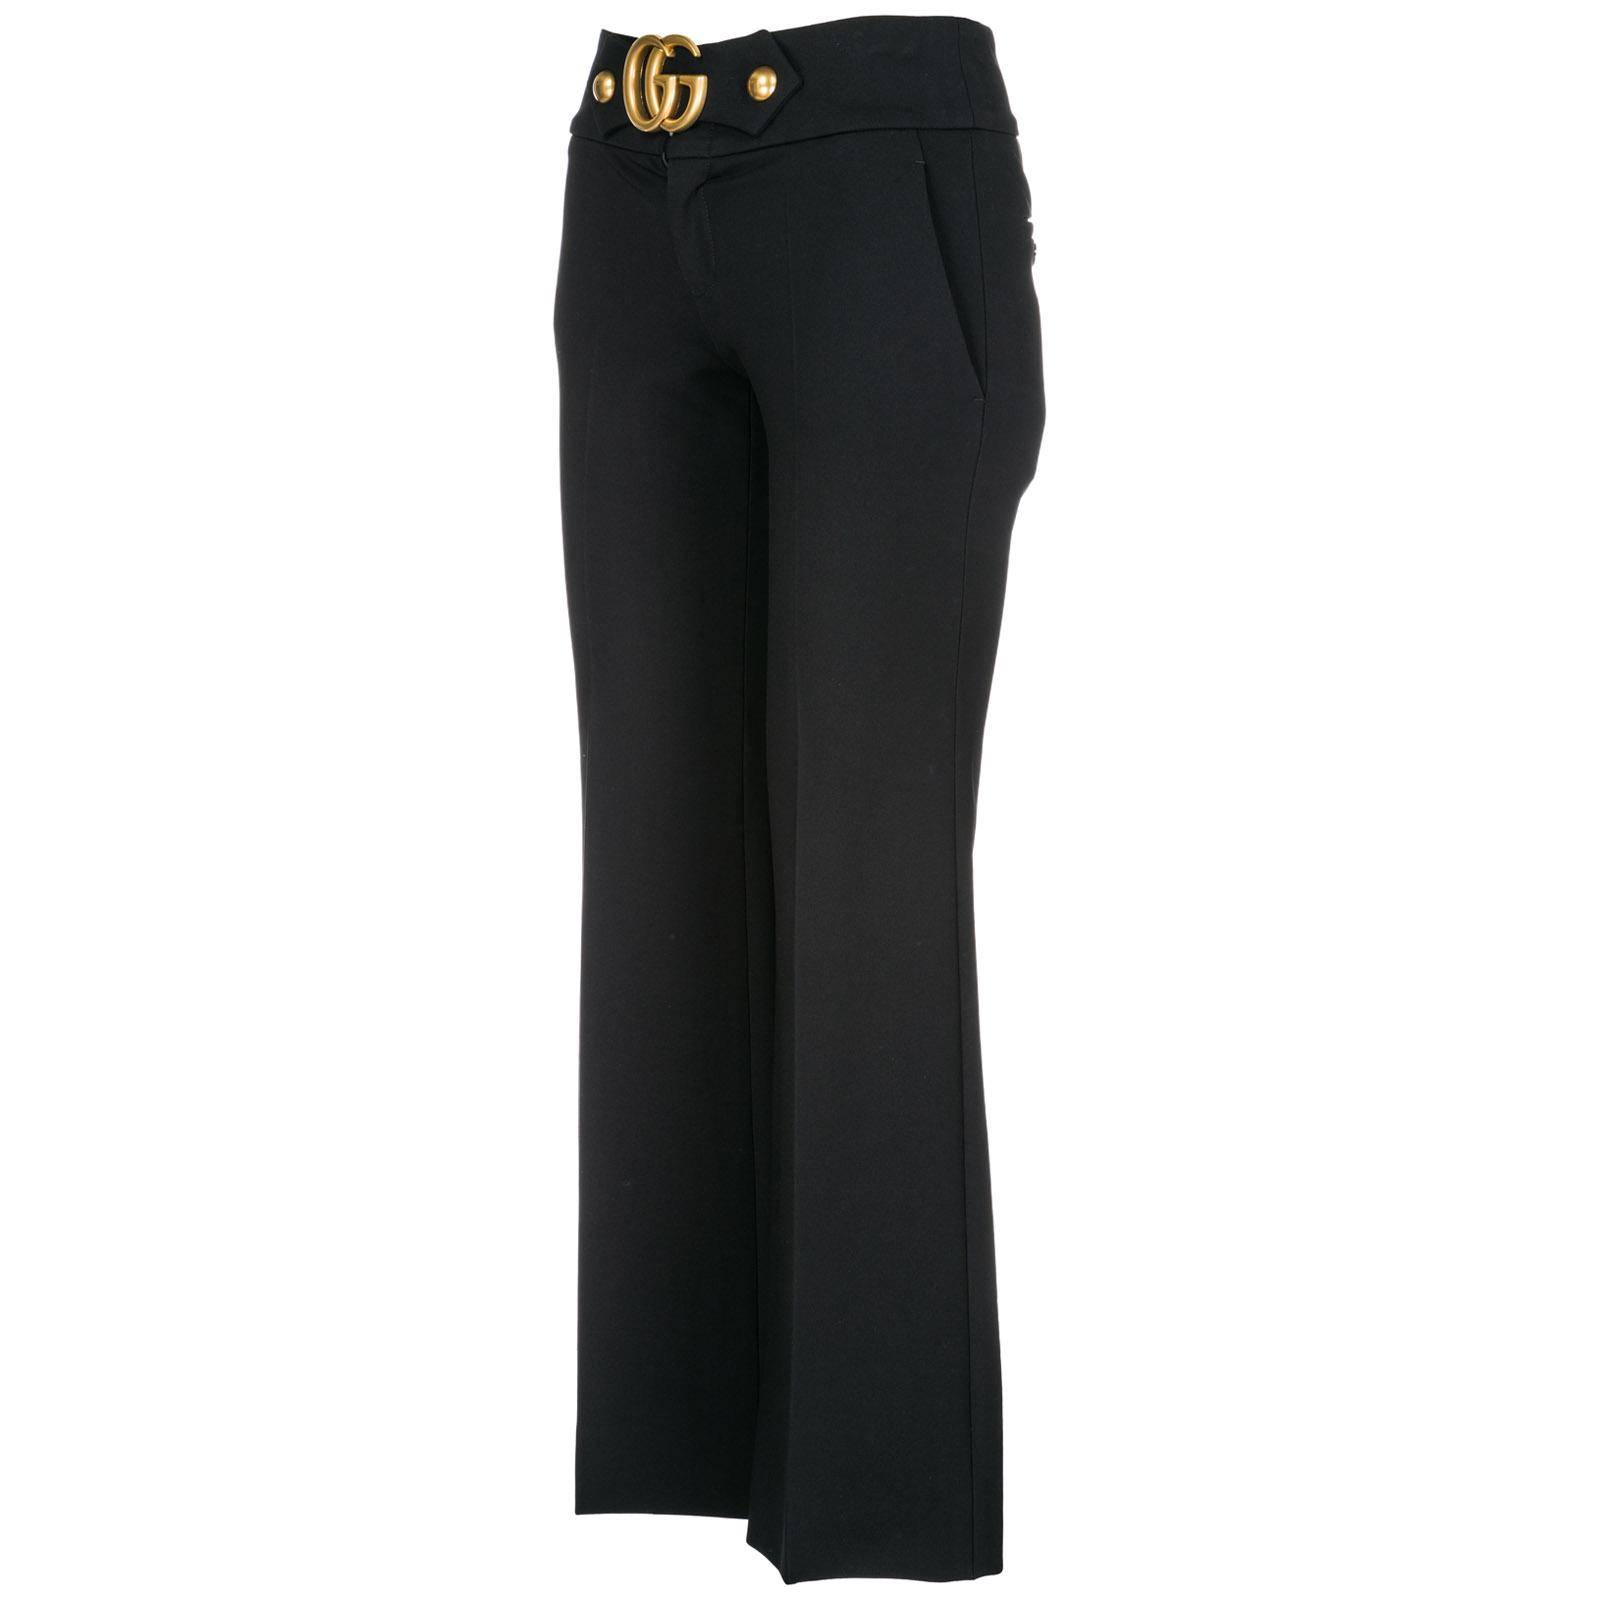 d88b7c49f00f Pantaloni donna Pantaloni donna Pantaloni donna